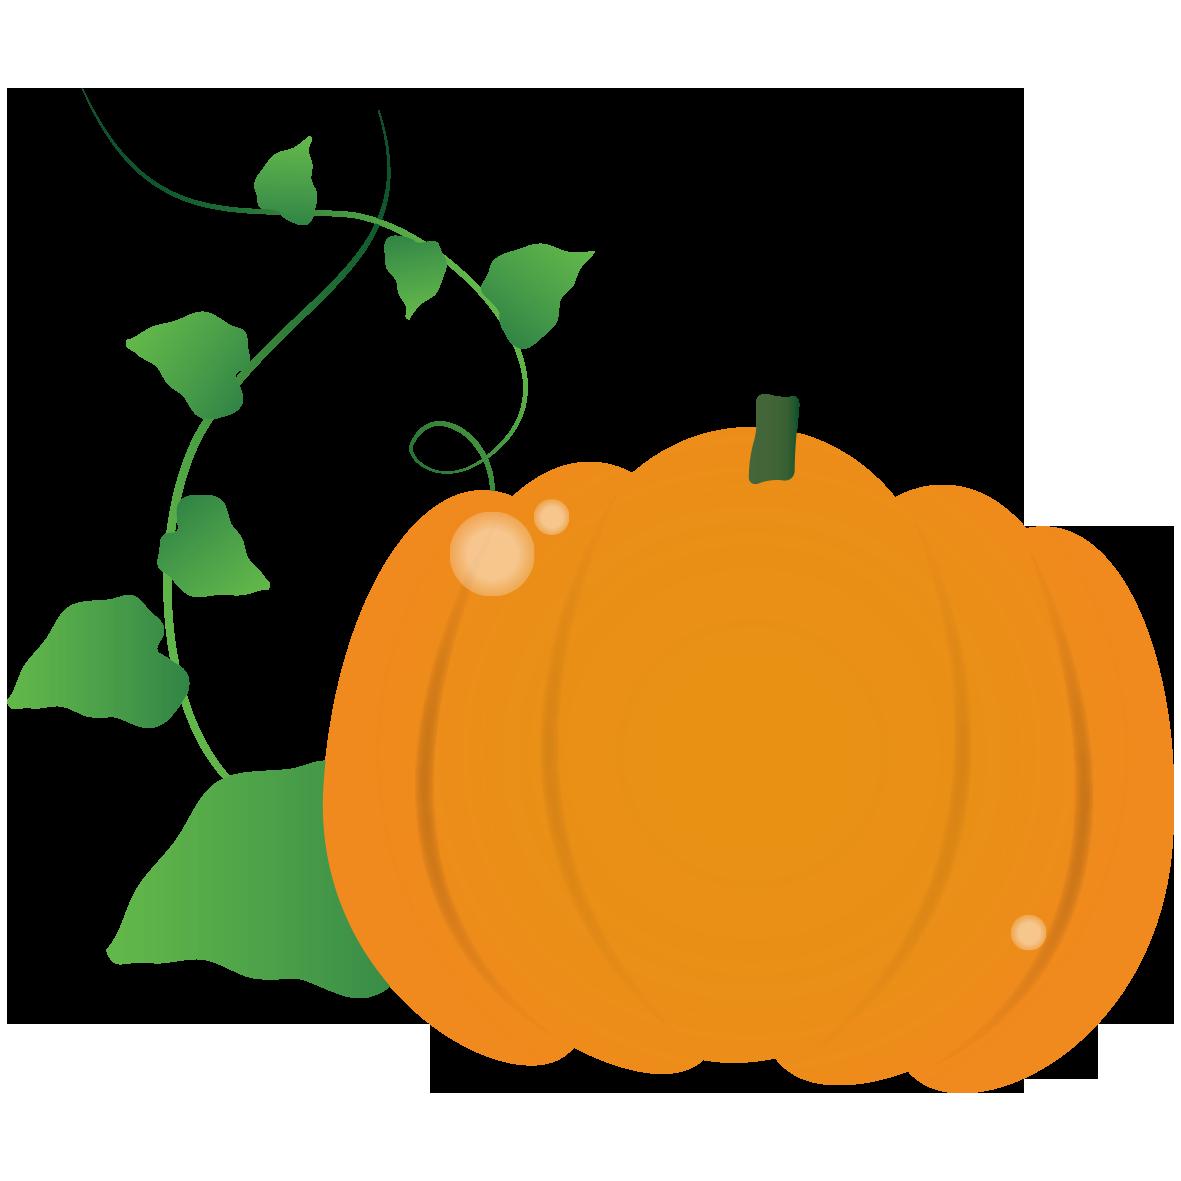 かぼちゃのイラスト一覧 無料イラスト愛